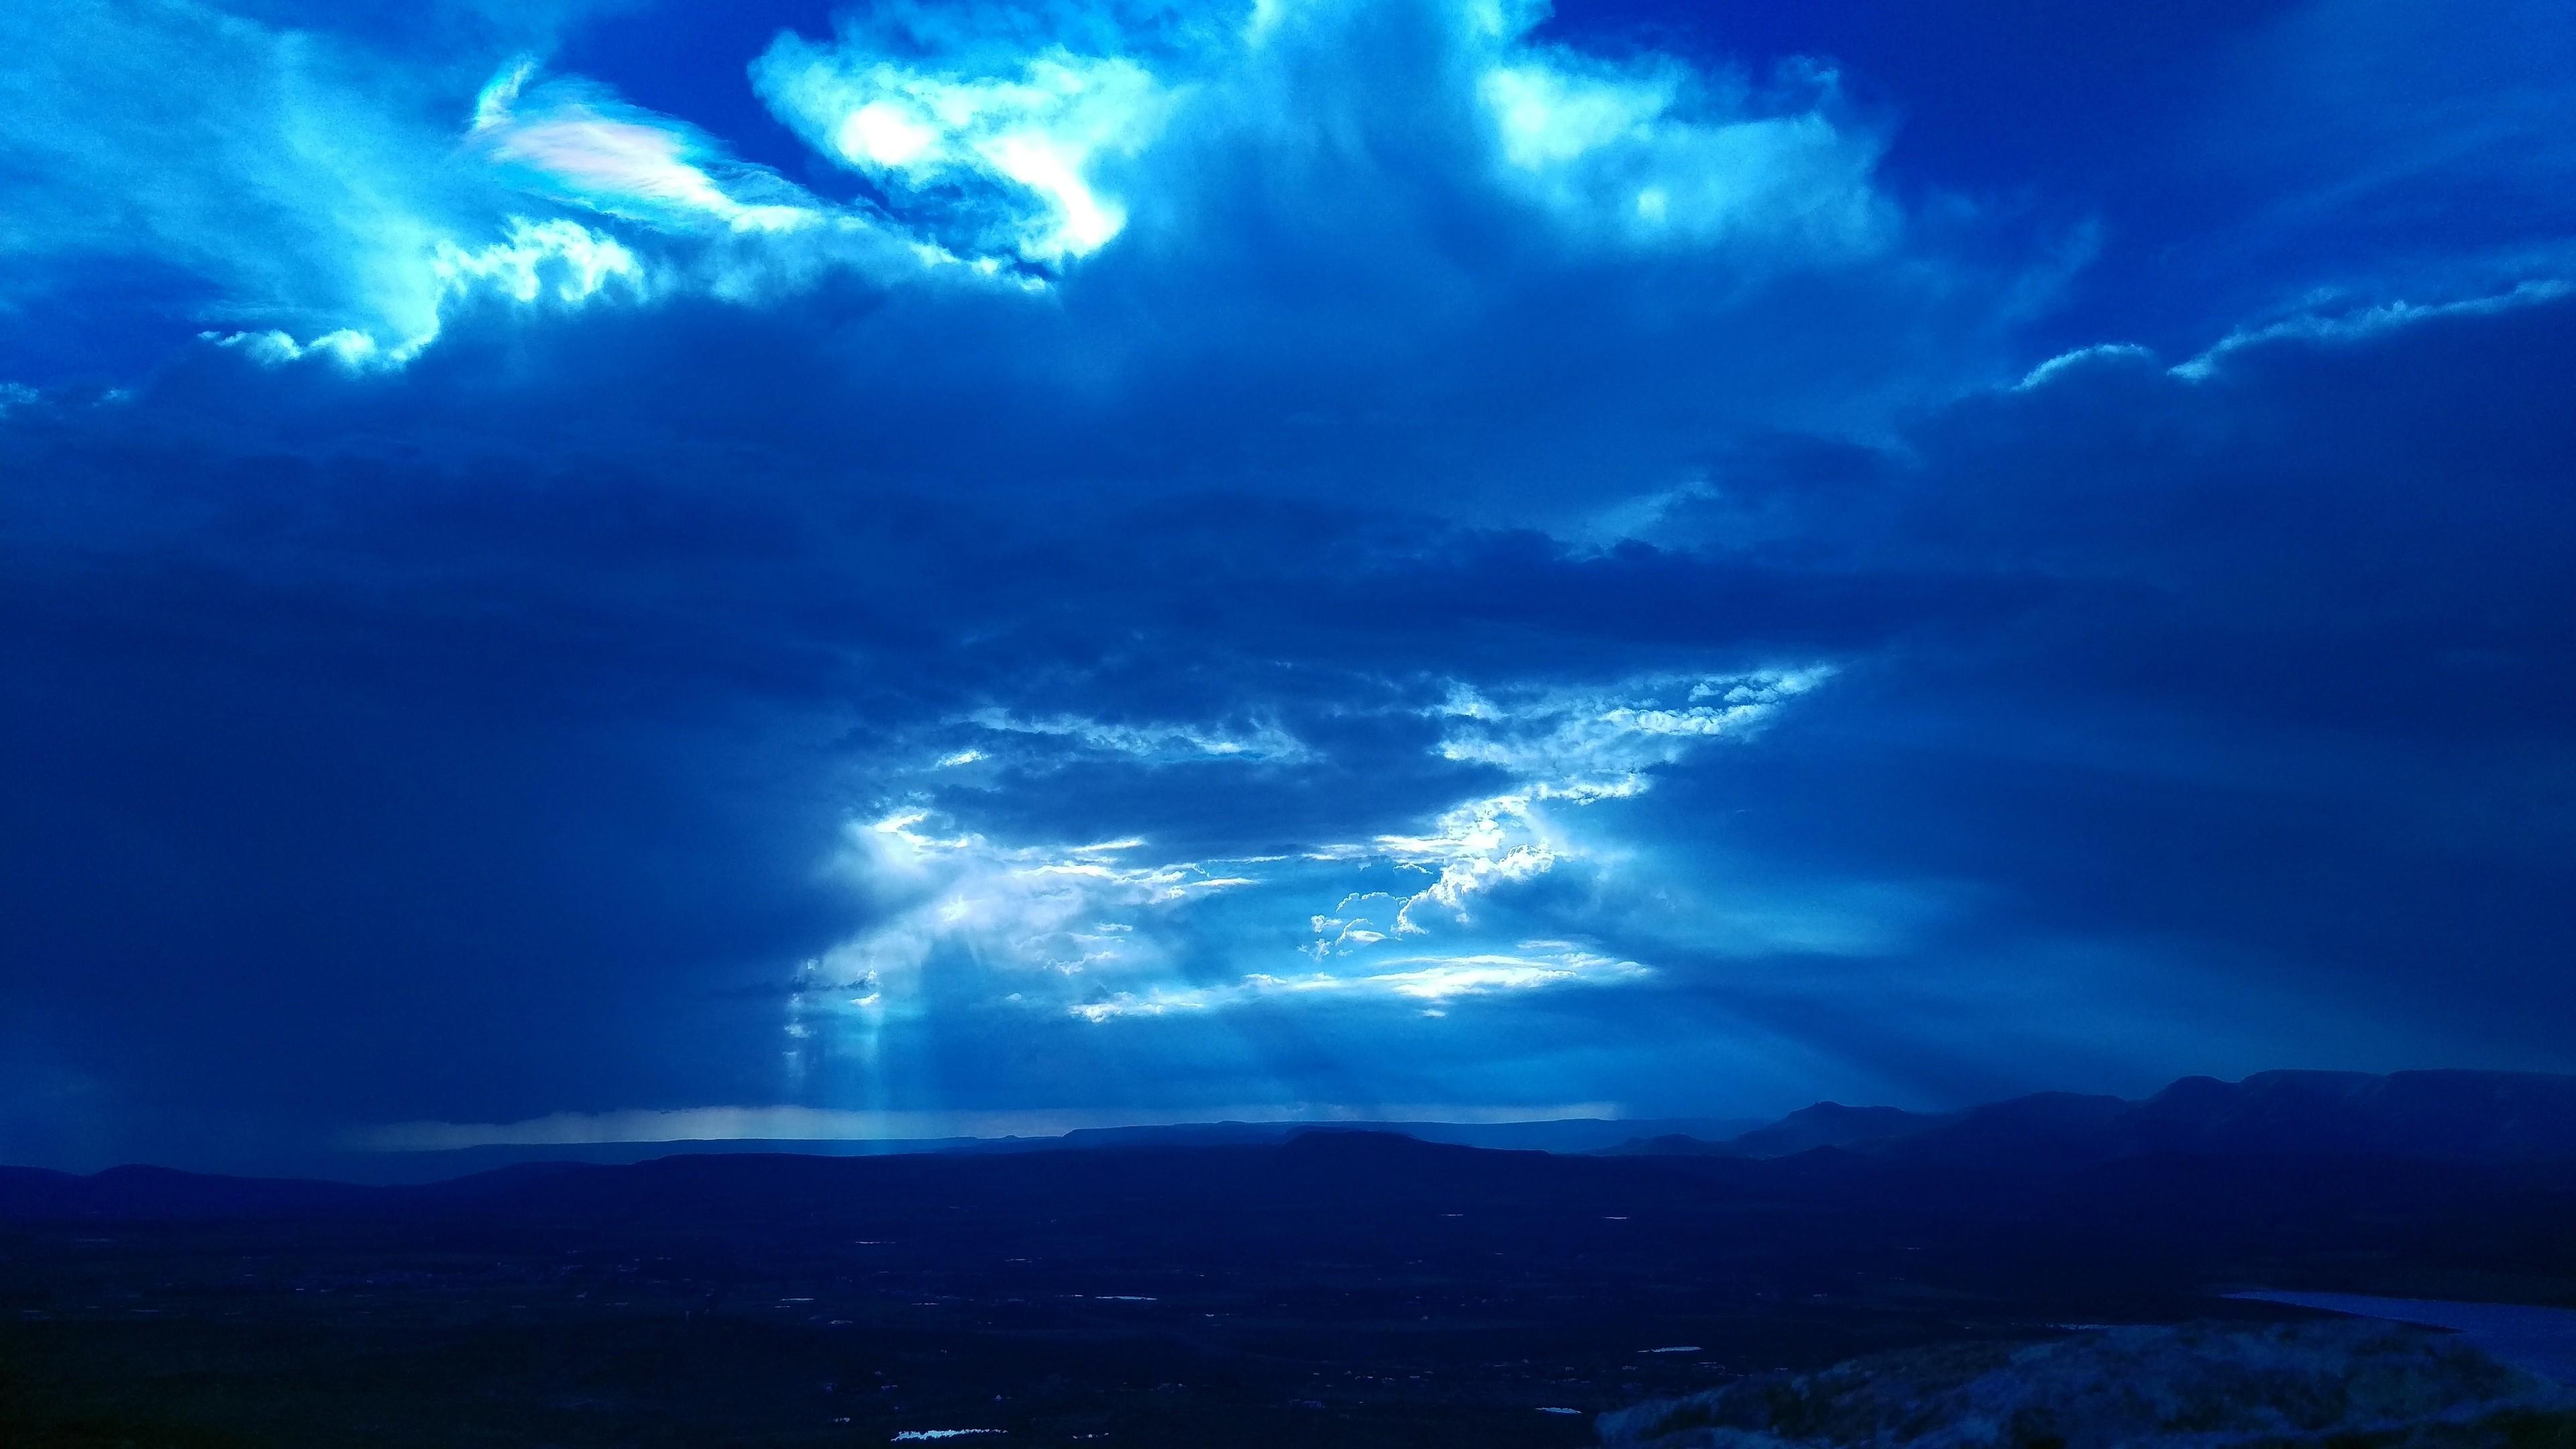 sunset sky clouds landscape 4k 1540751132 - Sunset Sky Clouds Landscape 4k - sunset wallpapers, sky wallpapers, landscape wallpapers, hd-wallpapers, digital art wallpapers, clouds wallpapers, artwork wallpapers, artist wallpapers, 4k-wallpapers